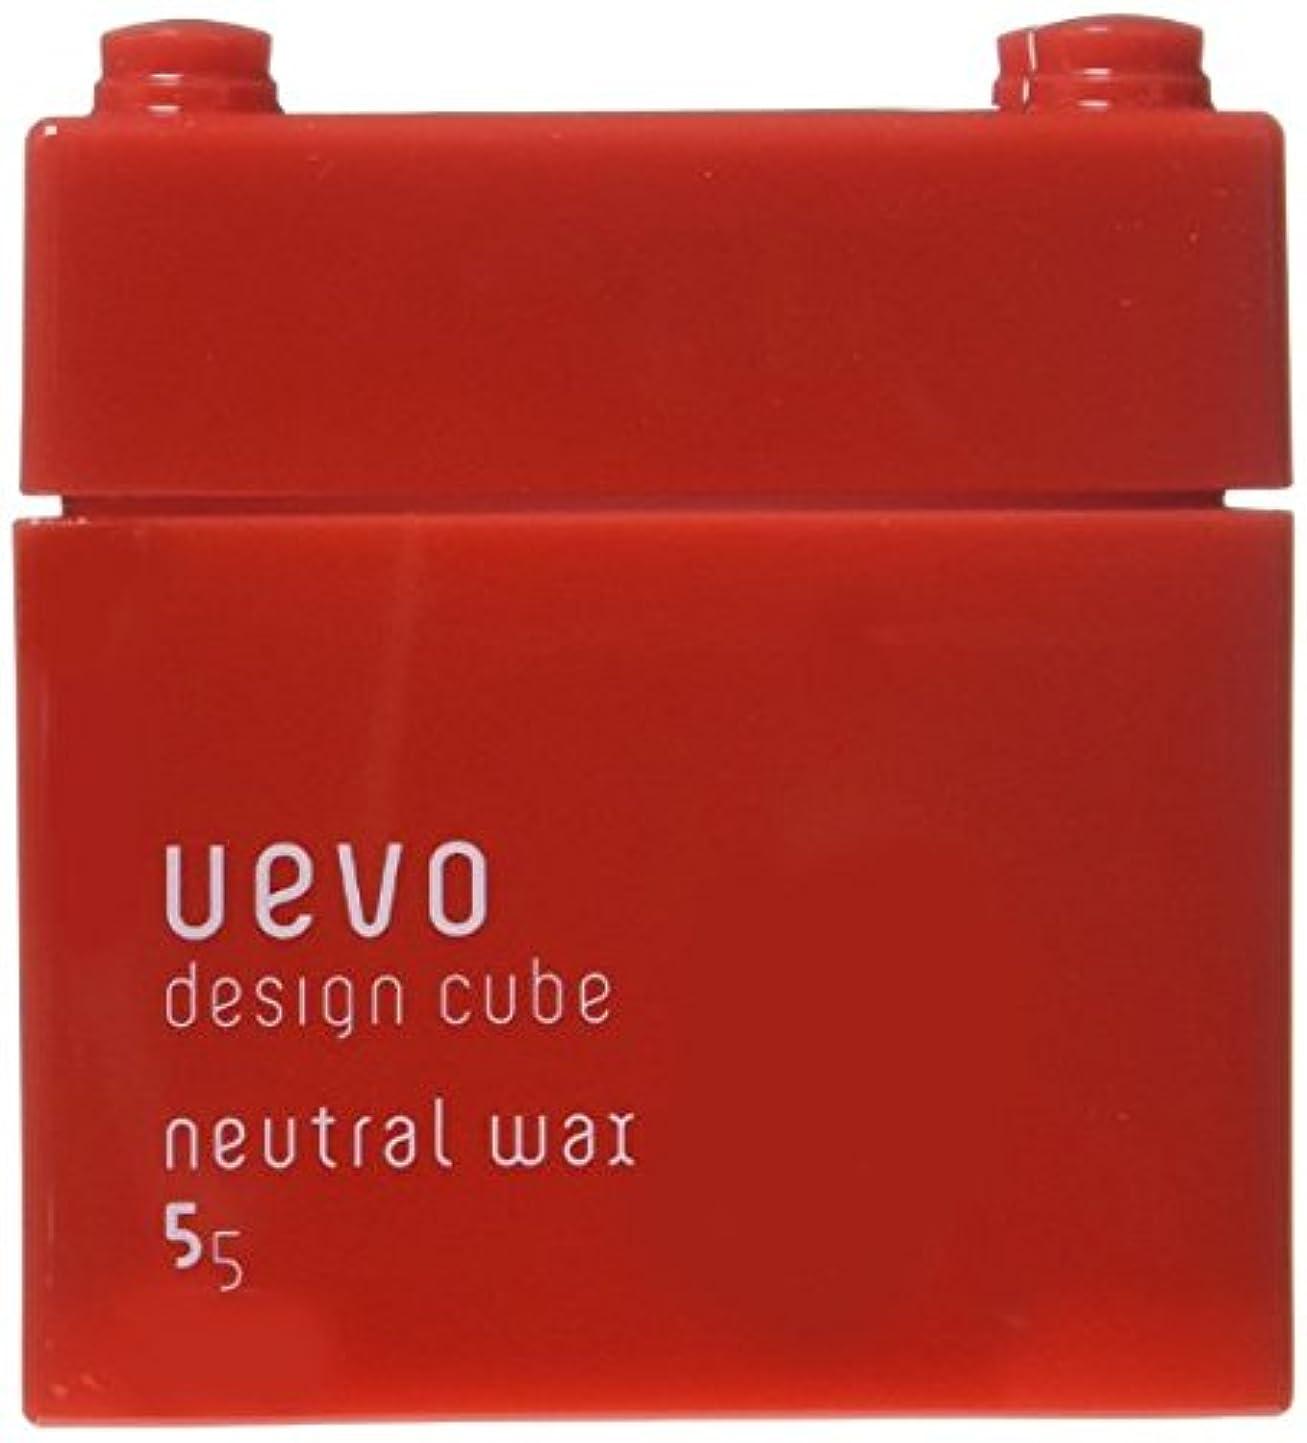 治世環境法律デミ ウェーボ デザインキューブ ニュートラルワックス(ヘアスタイリング)80g